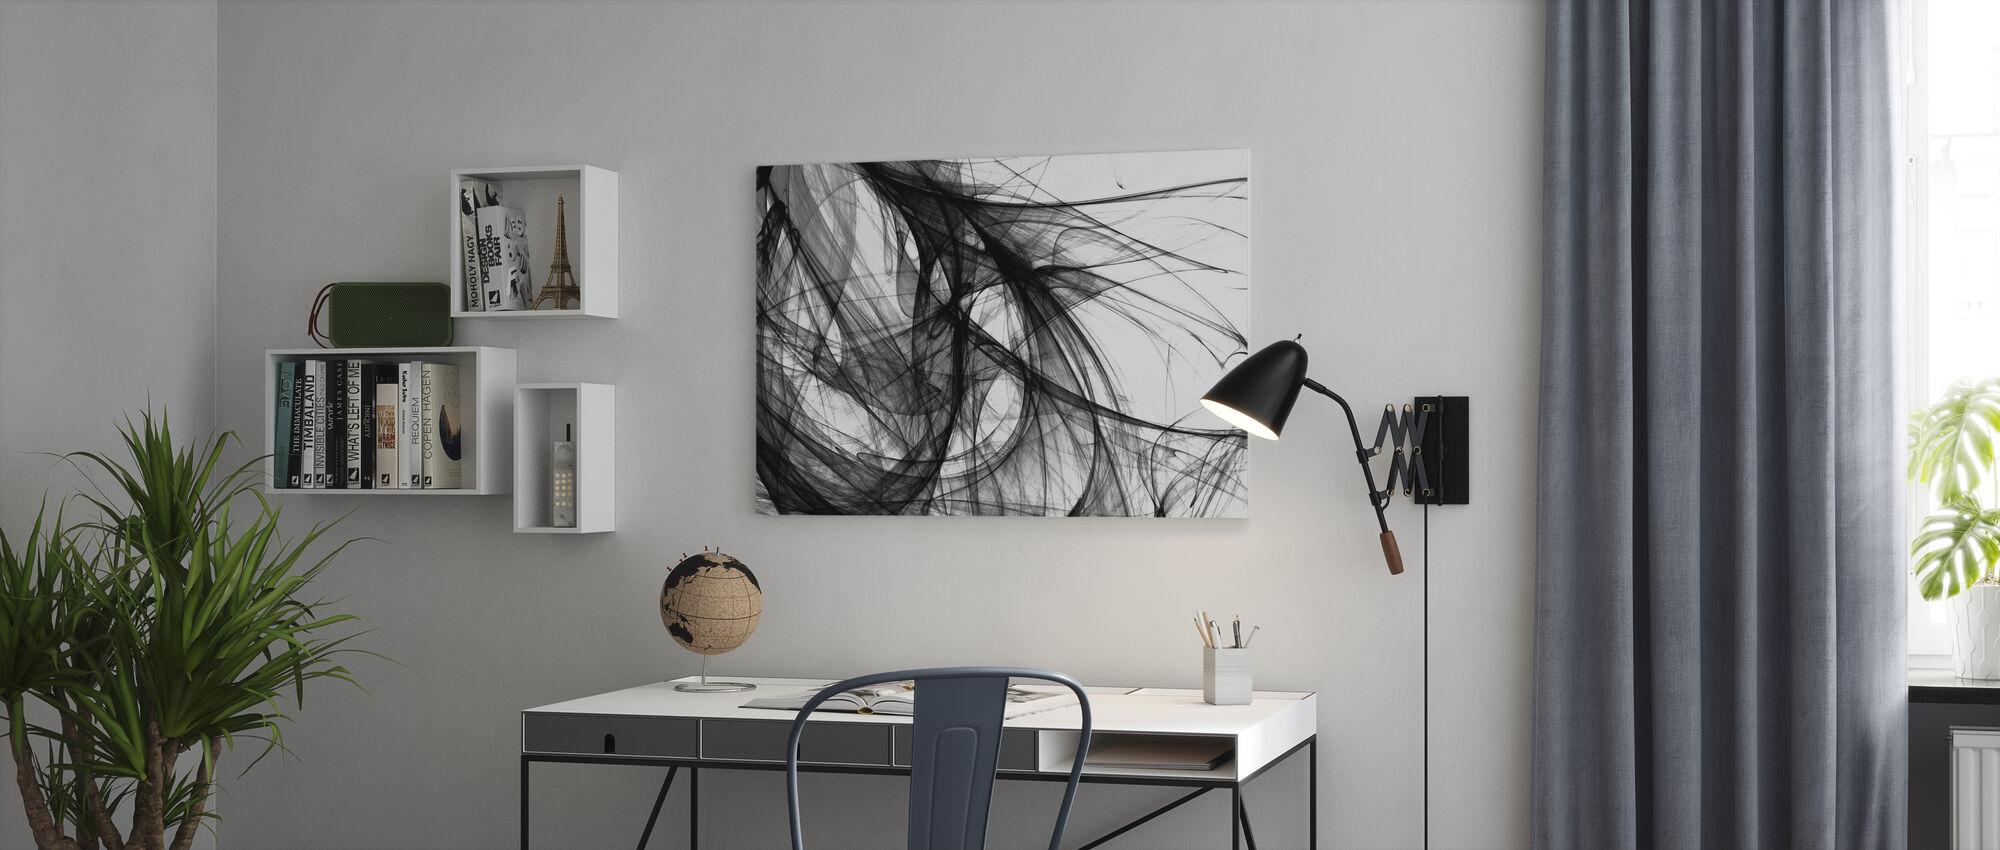 Innerlijk licht - z/w - Canvas print - Kantoor